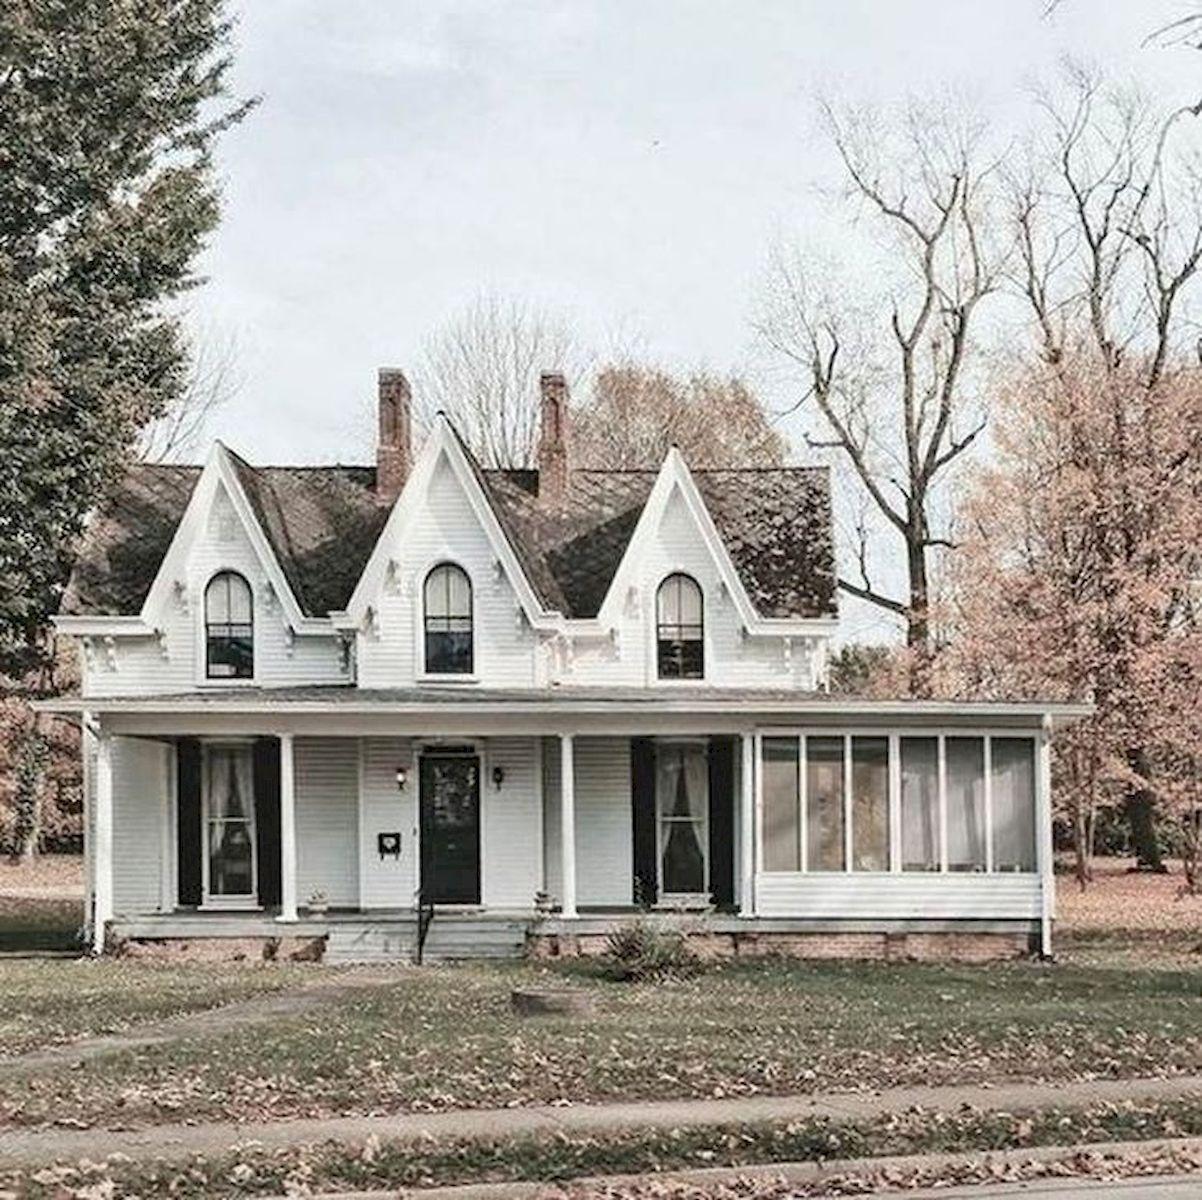 46 Awesome Farmhouse Home Exterior Design Ideas (25)